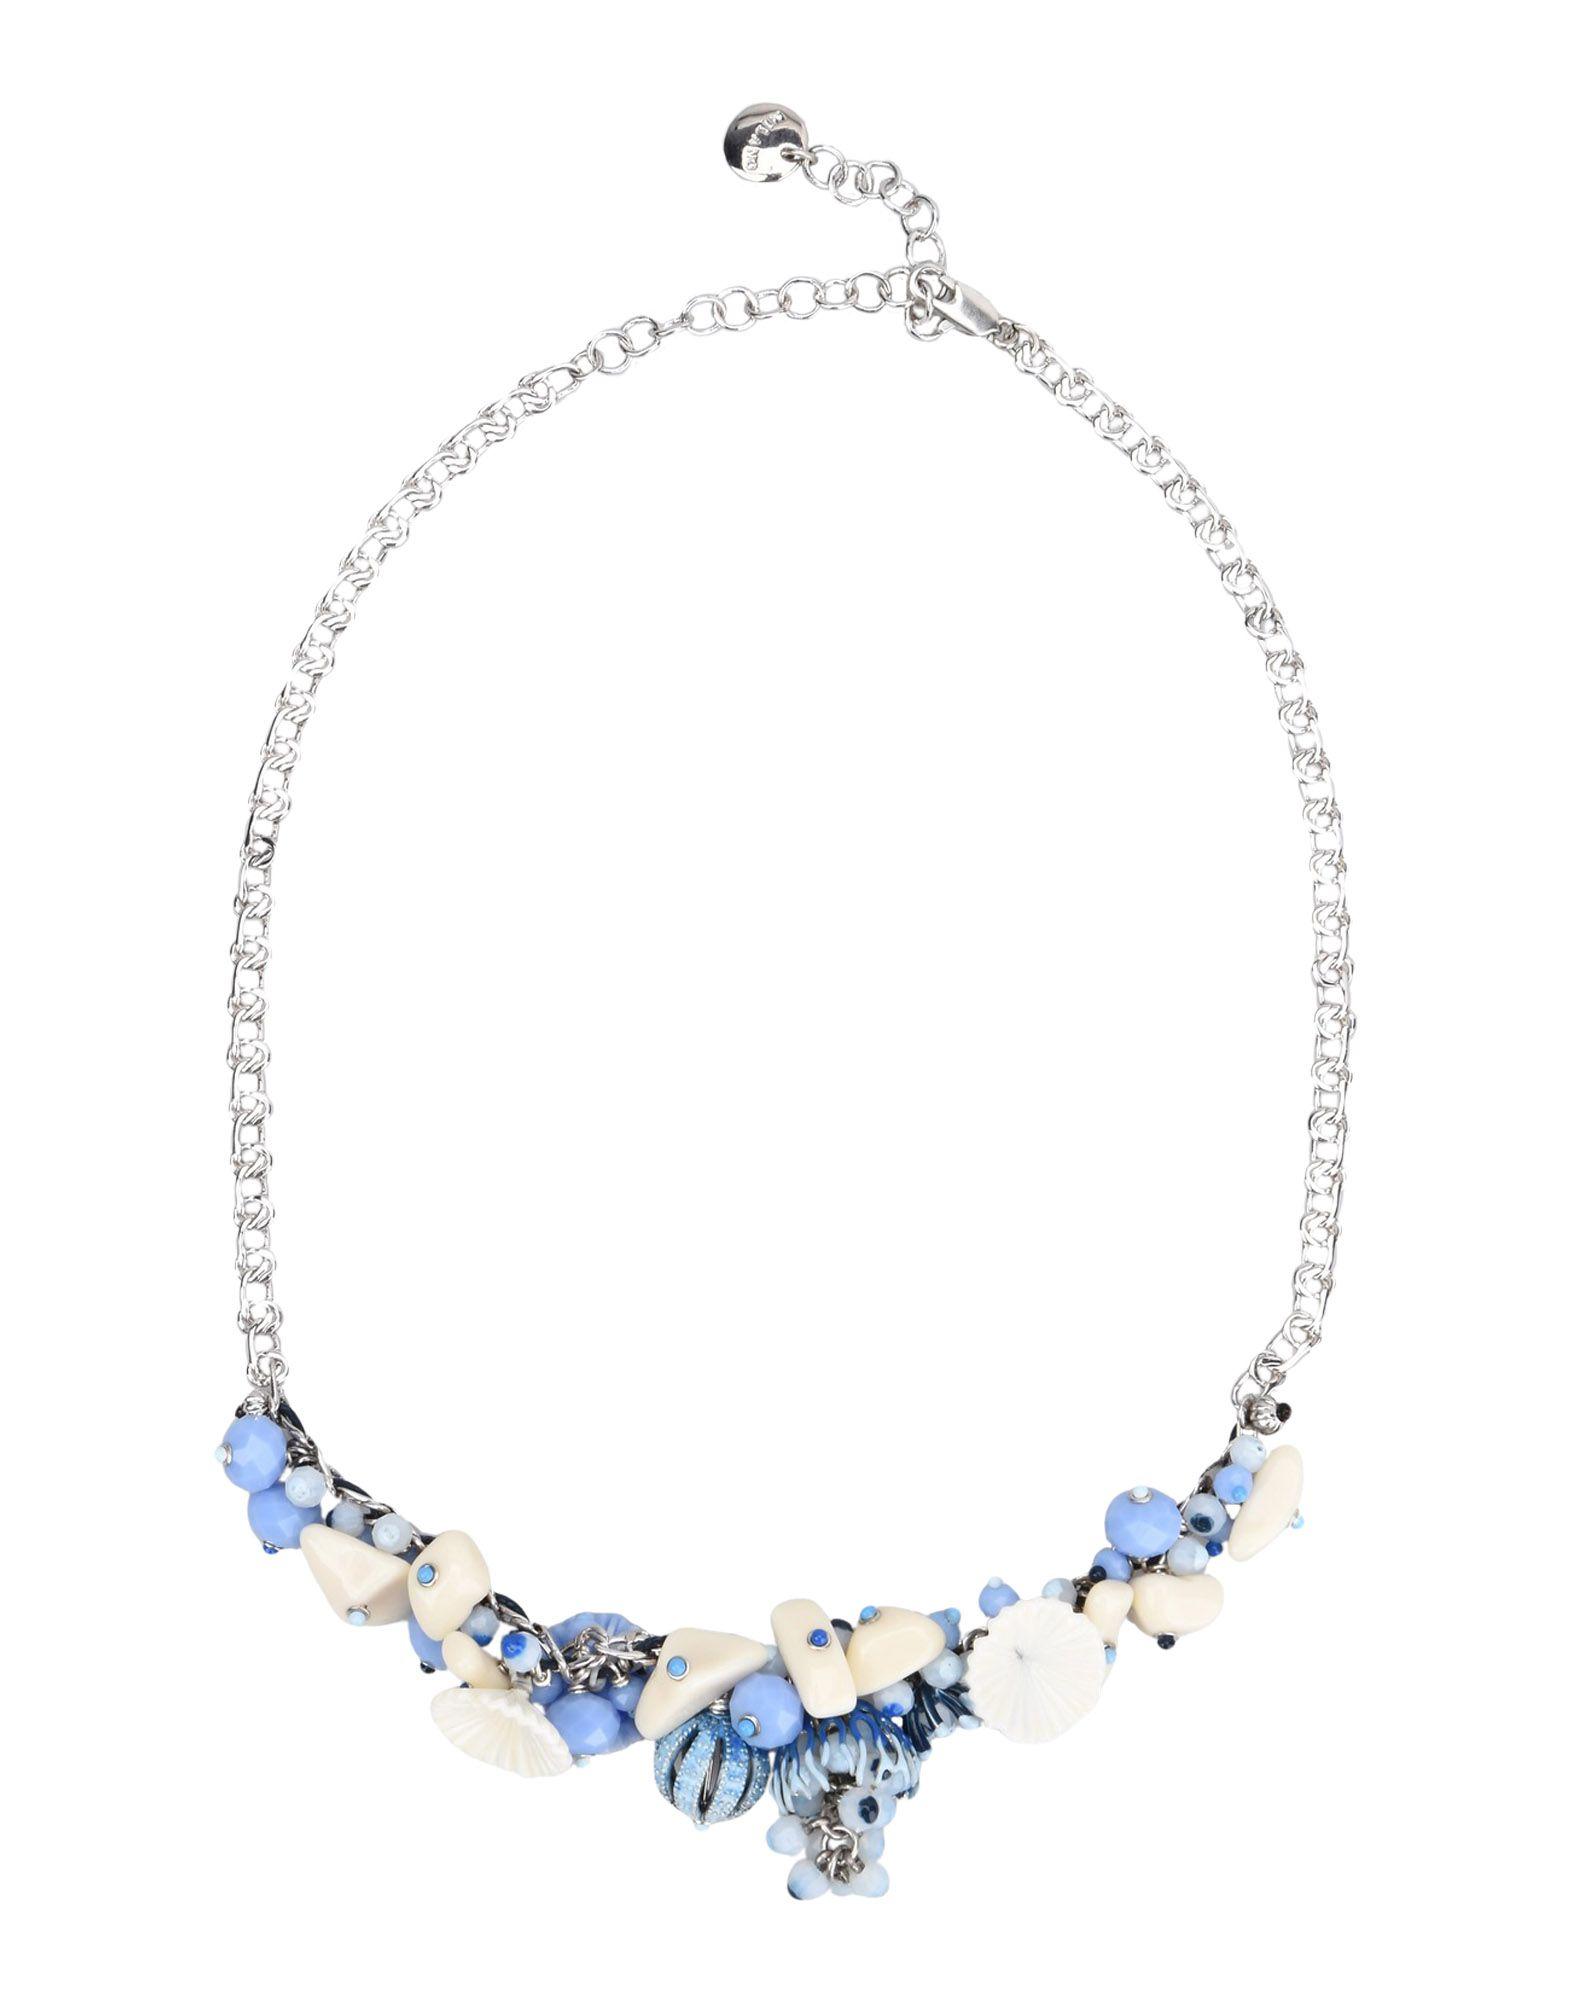 Collana La Hormiga Azul Profundo - Donna - Acquista online su